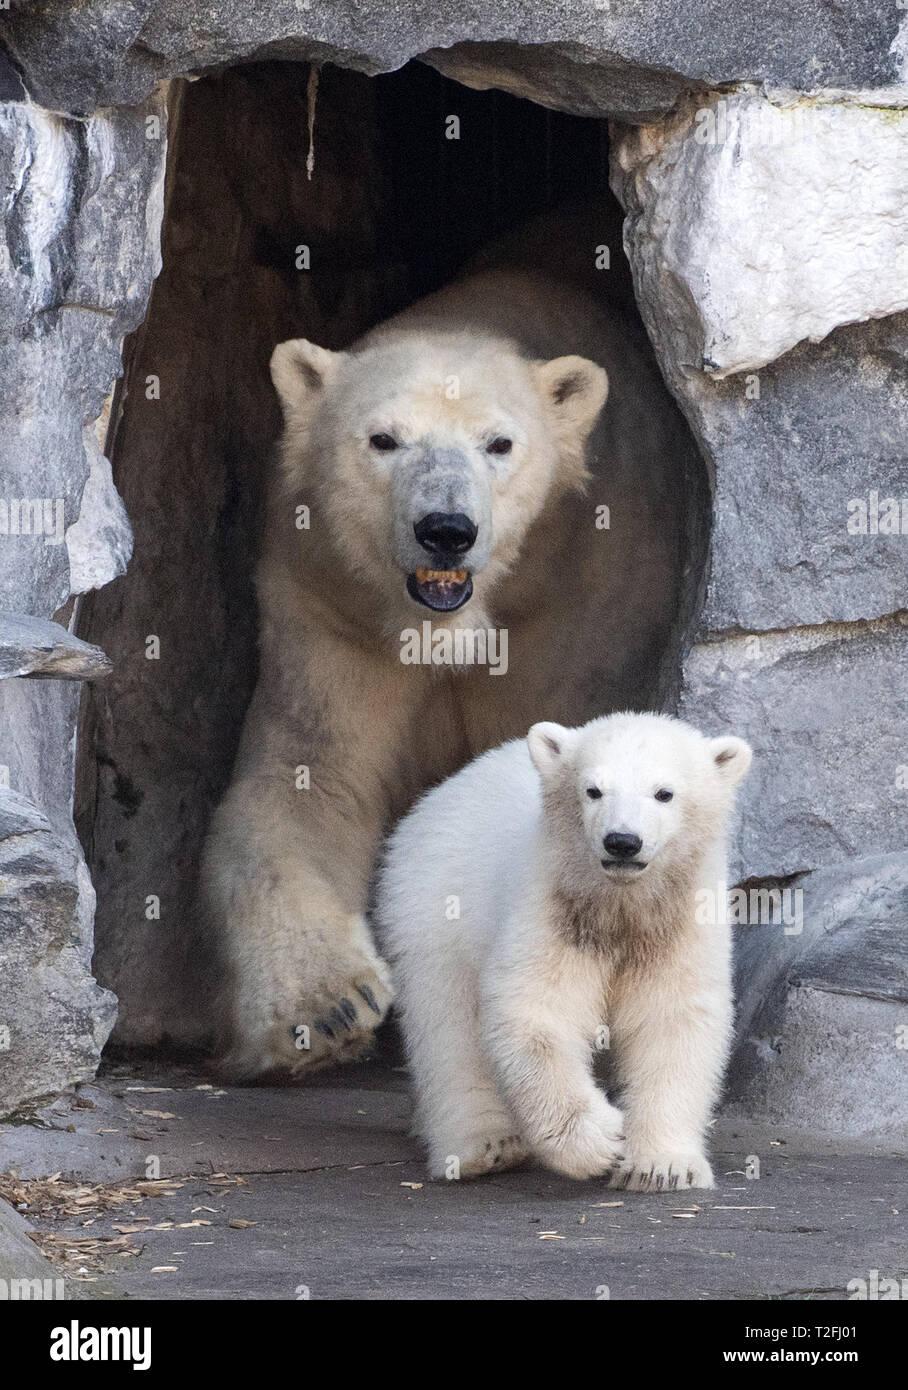 Kleiner Eisbär Berlin Kleiner Eisbär On Tour 2019 12 16